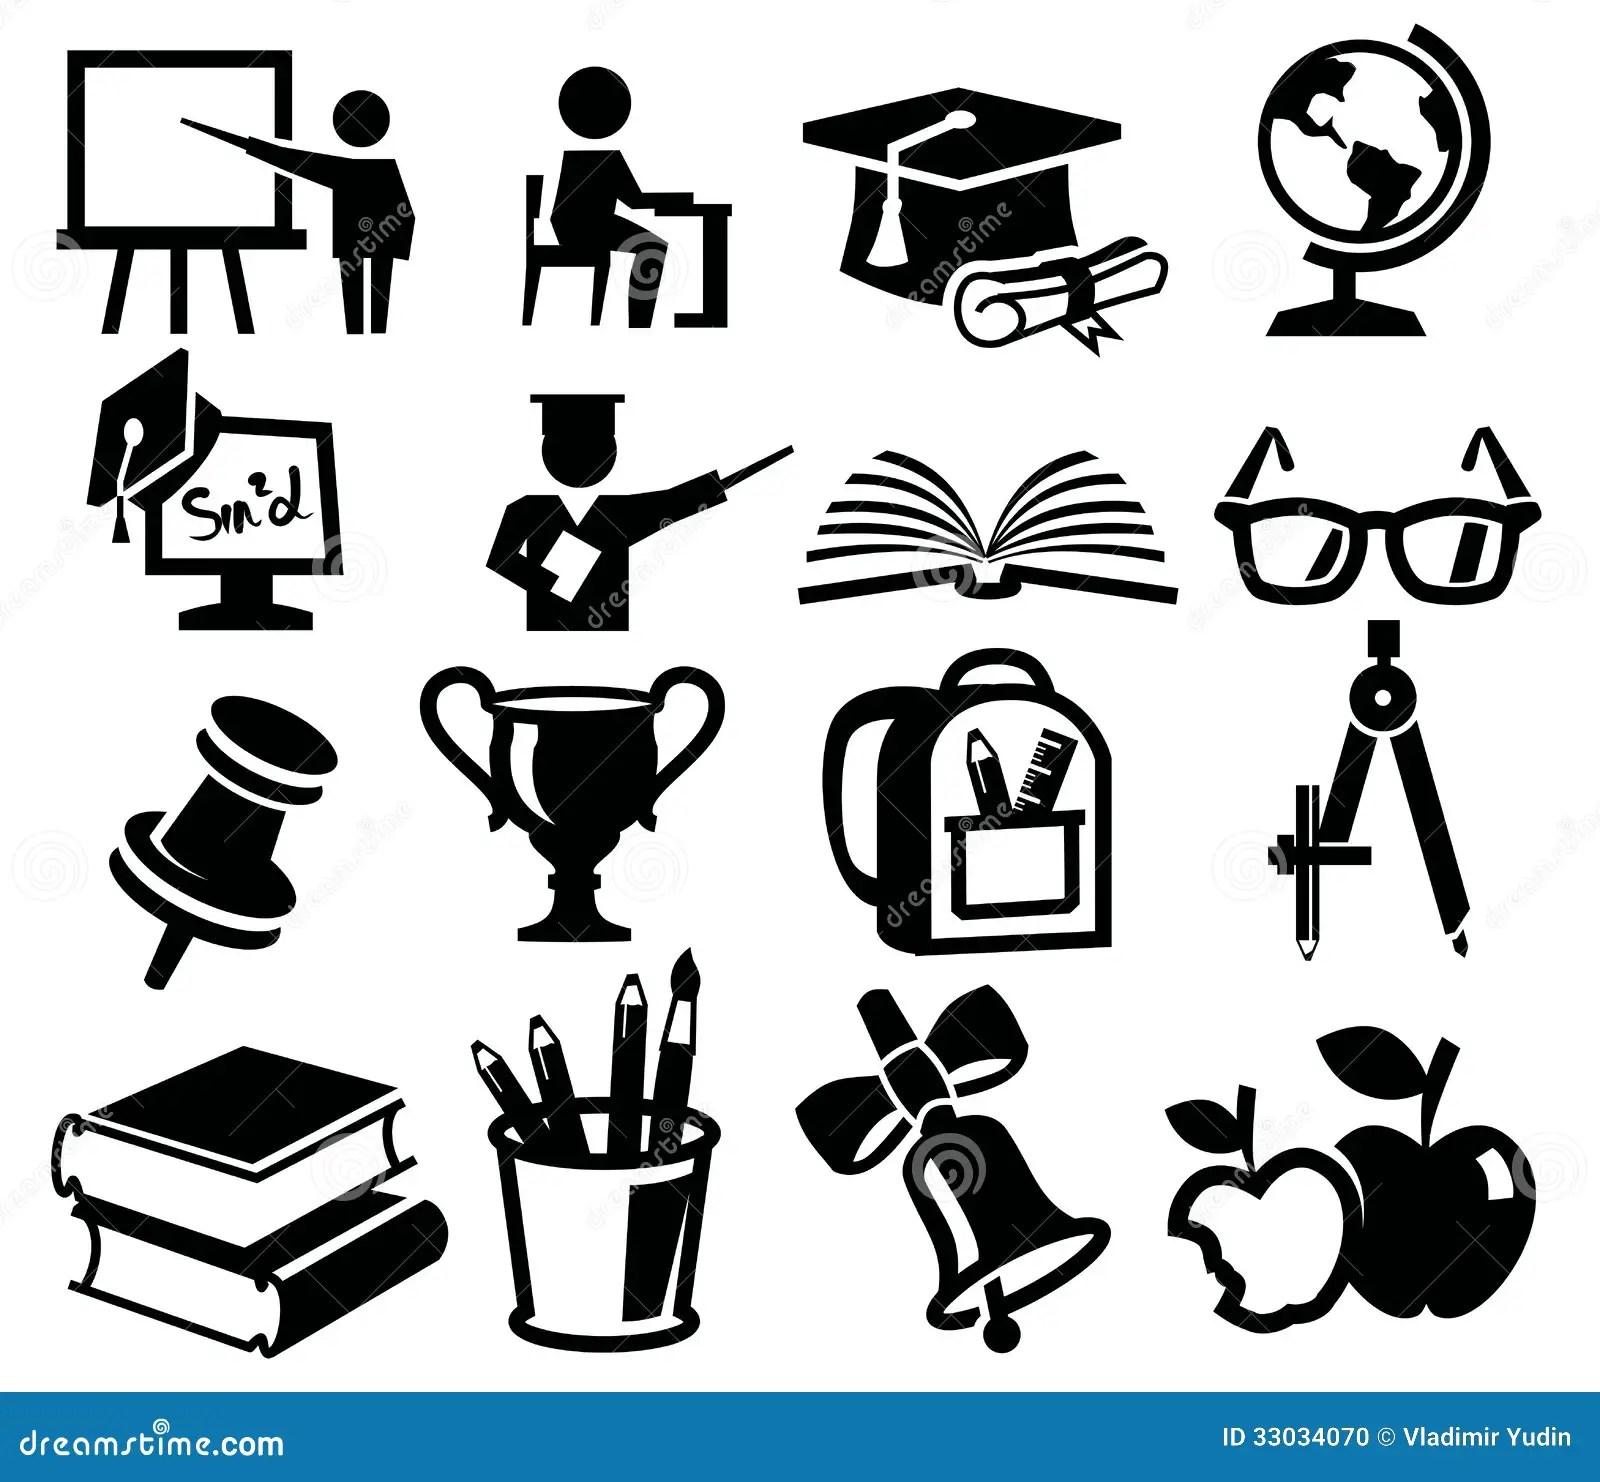 Les Icones Ont Place L Education Illustration De Vecteur